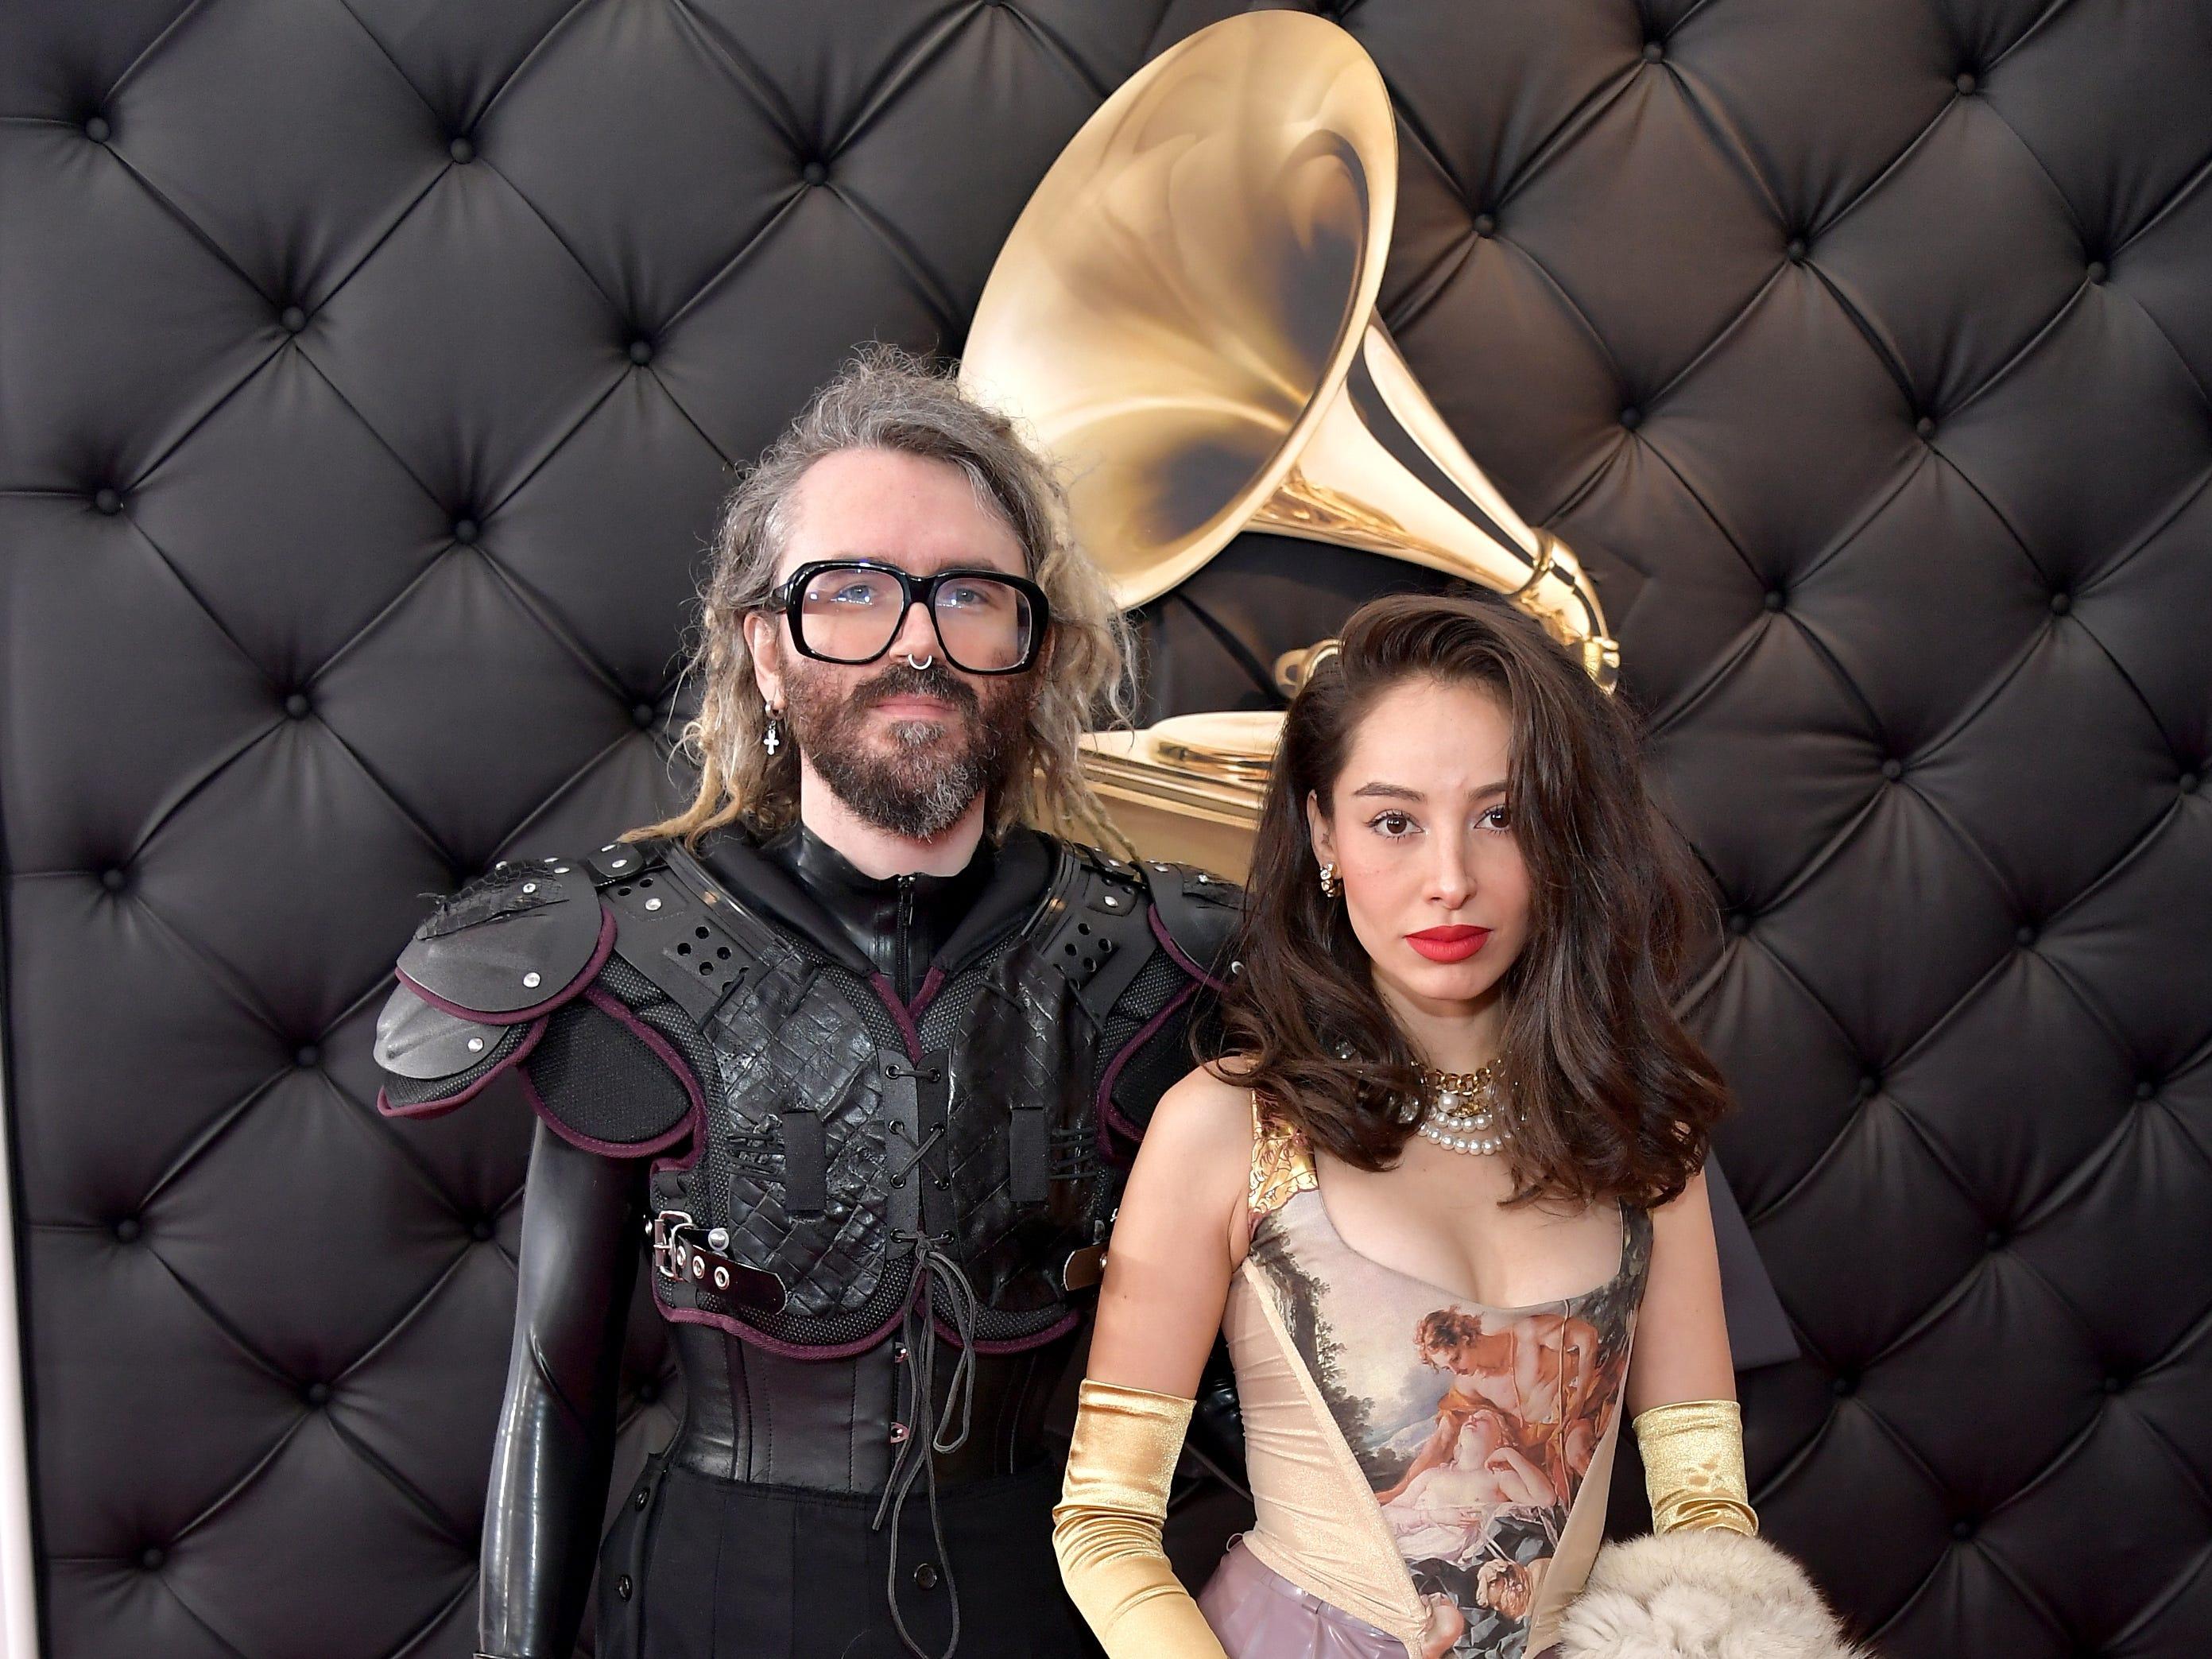 Shawn Everett (izq) y Belgica Vargas asisten a la 61ª edición de los premios GRAMMY en el Staples Center el 10 de febrero de 2019 en Los Ángeles, California.